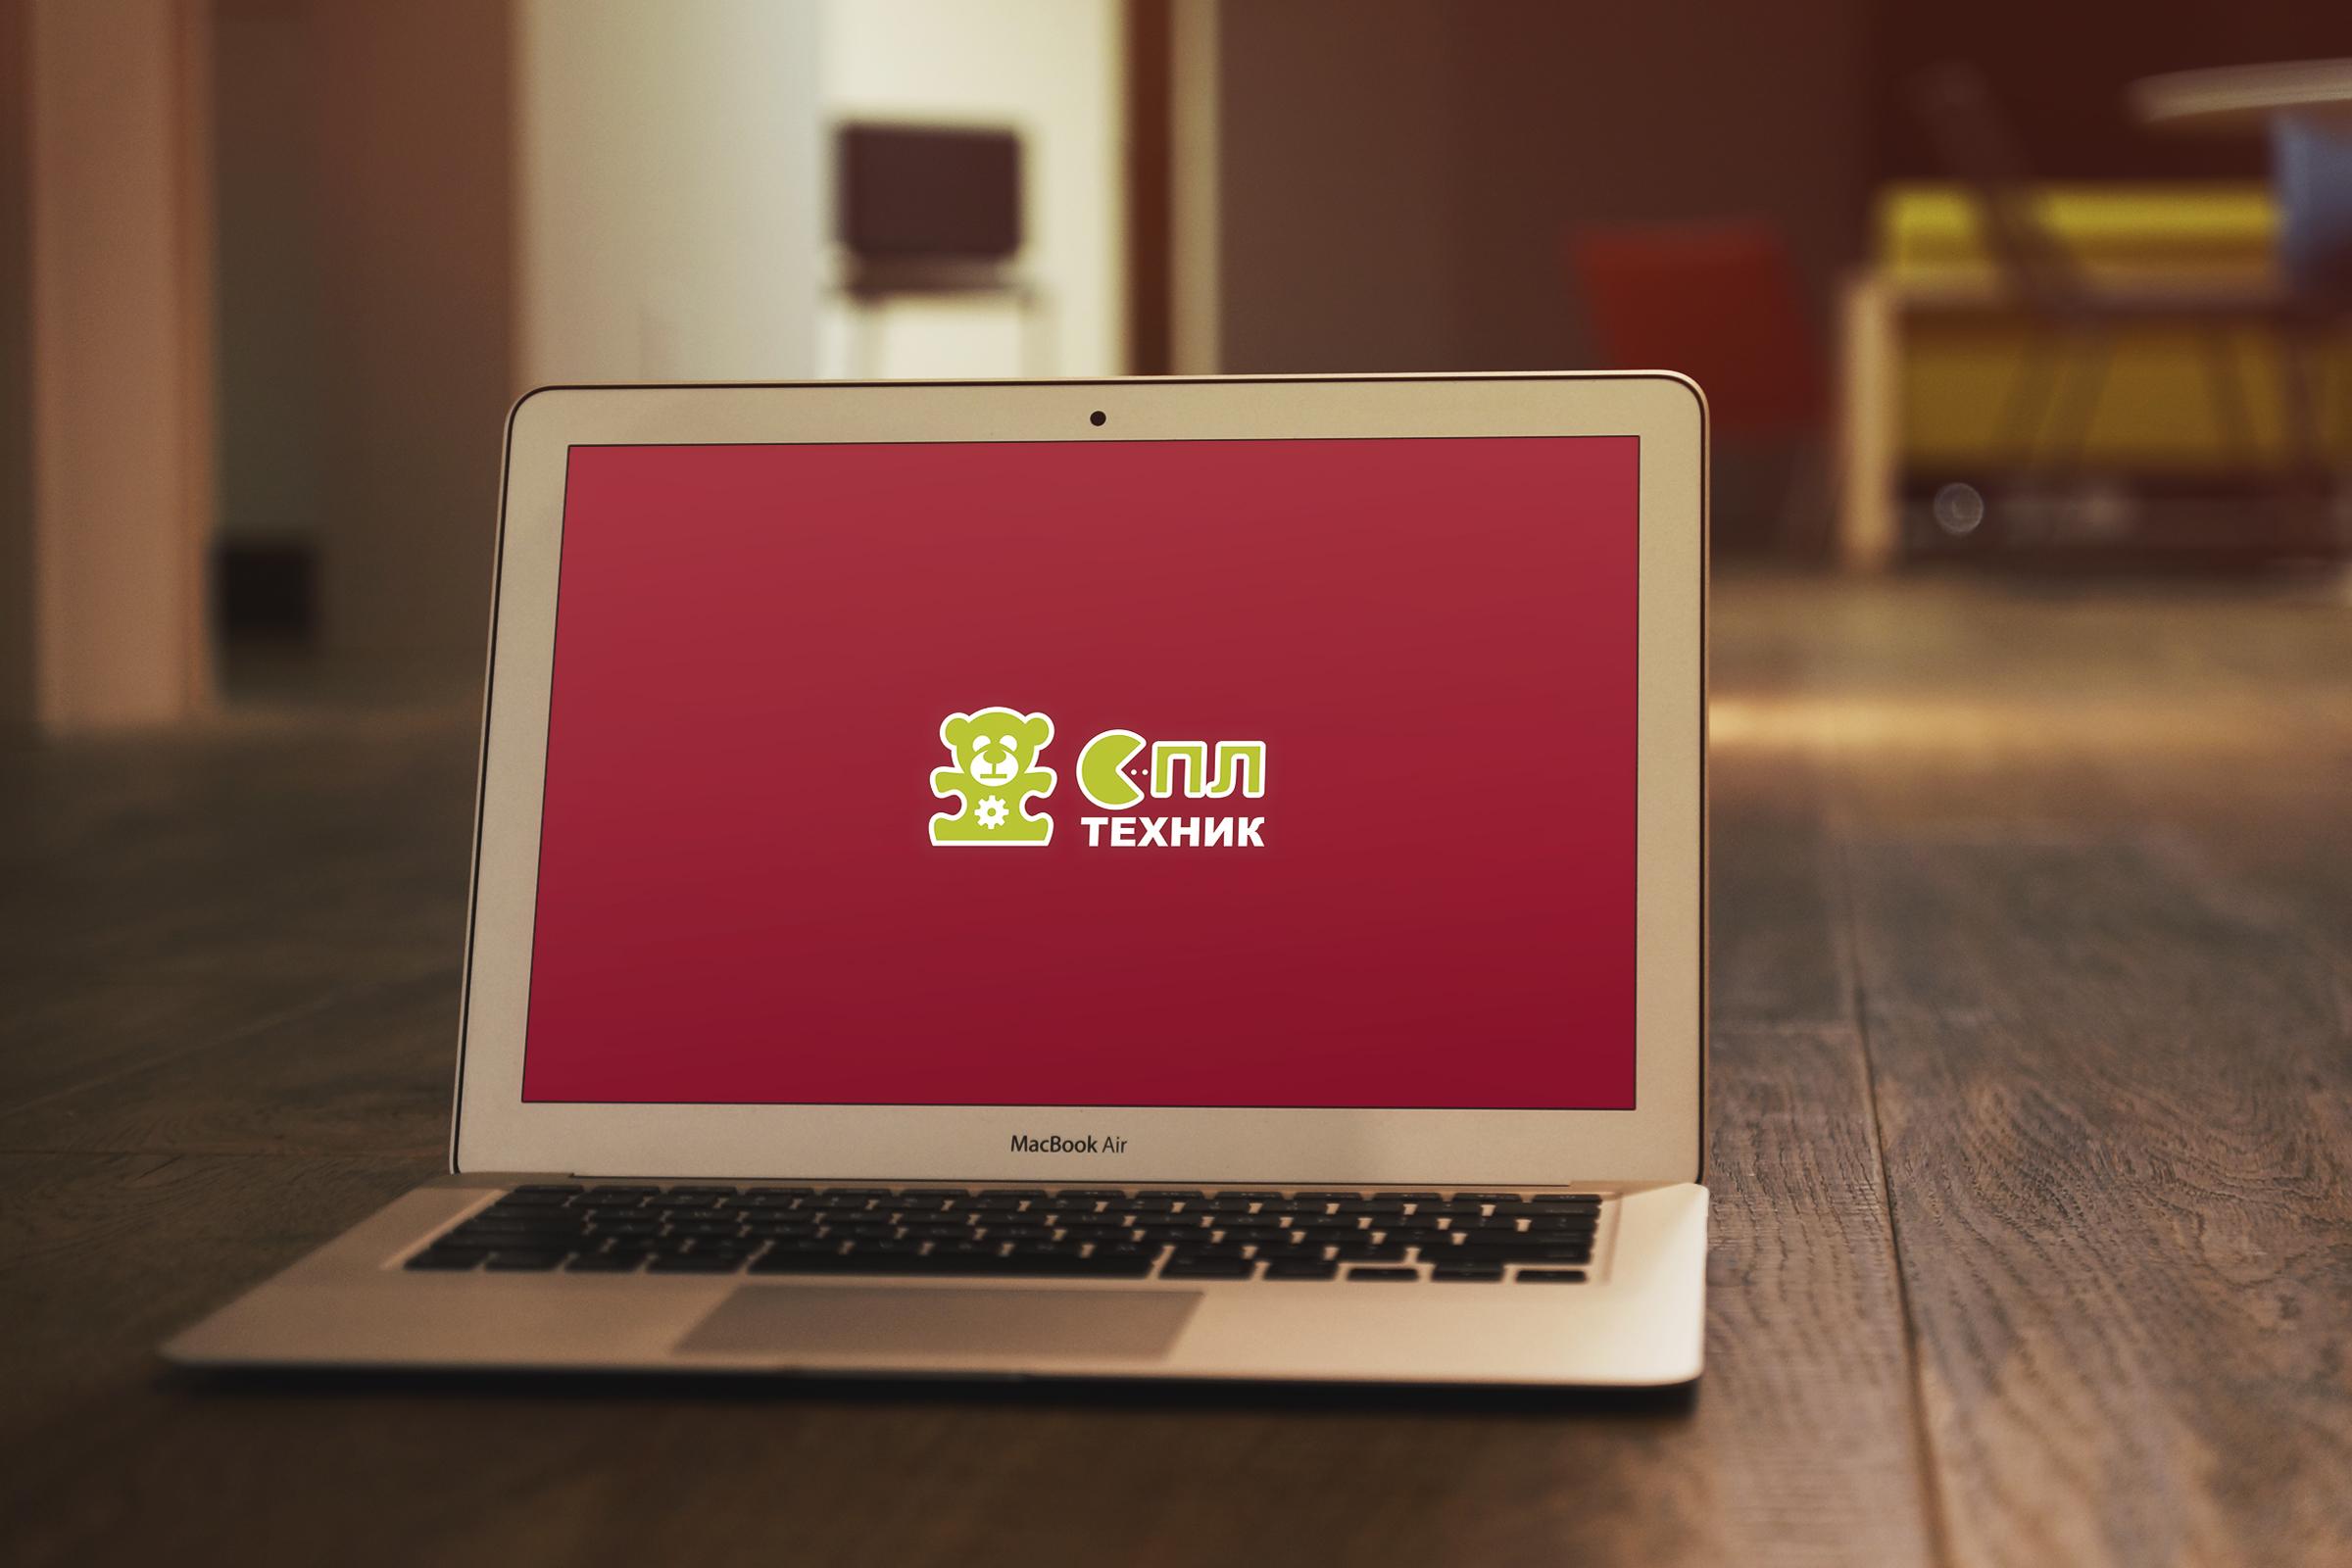 Разработка логотипа и фирменного стиля фото f_91159b6a2c0b90d1.jpg